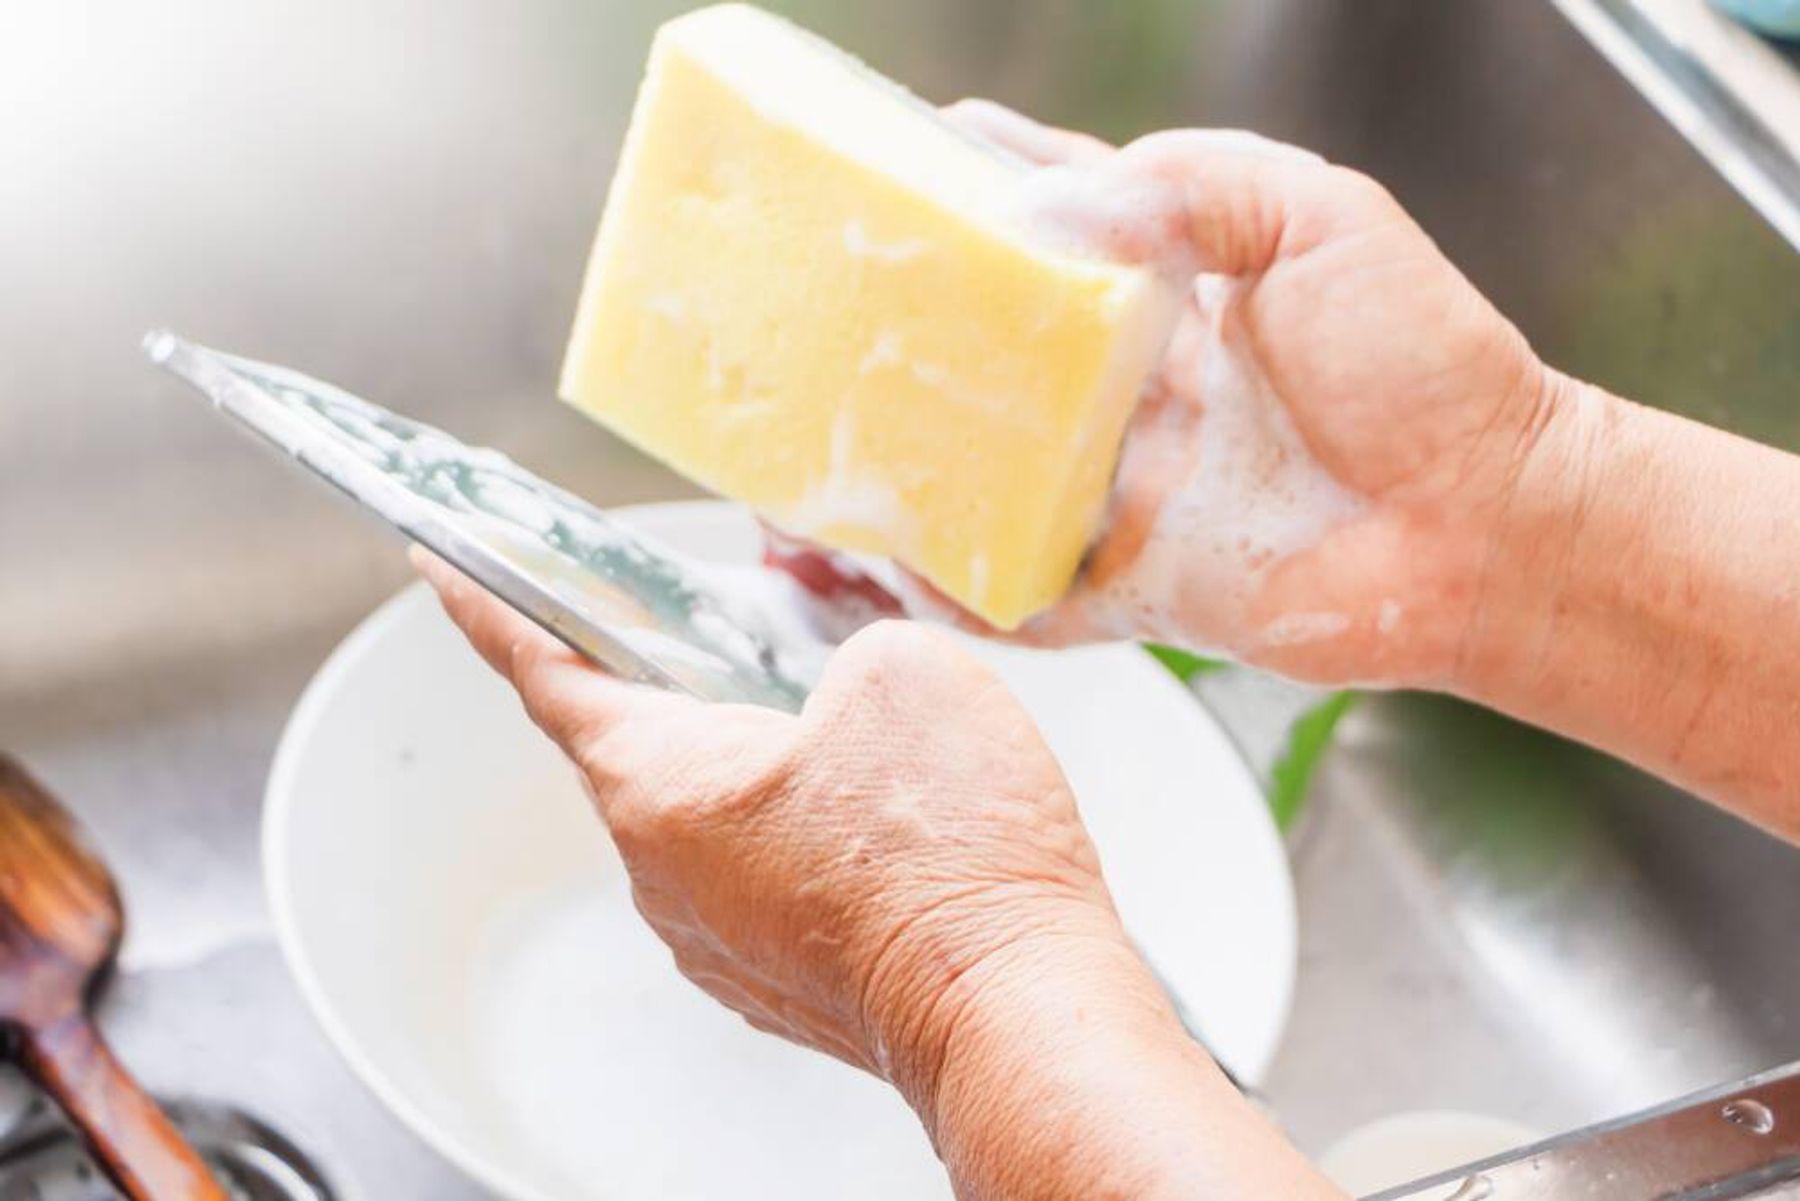 Bahaya spons cuci piring yang kotor